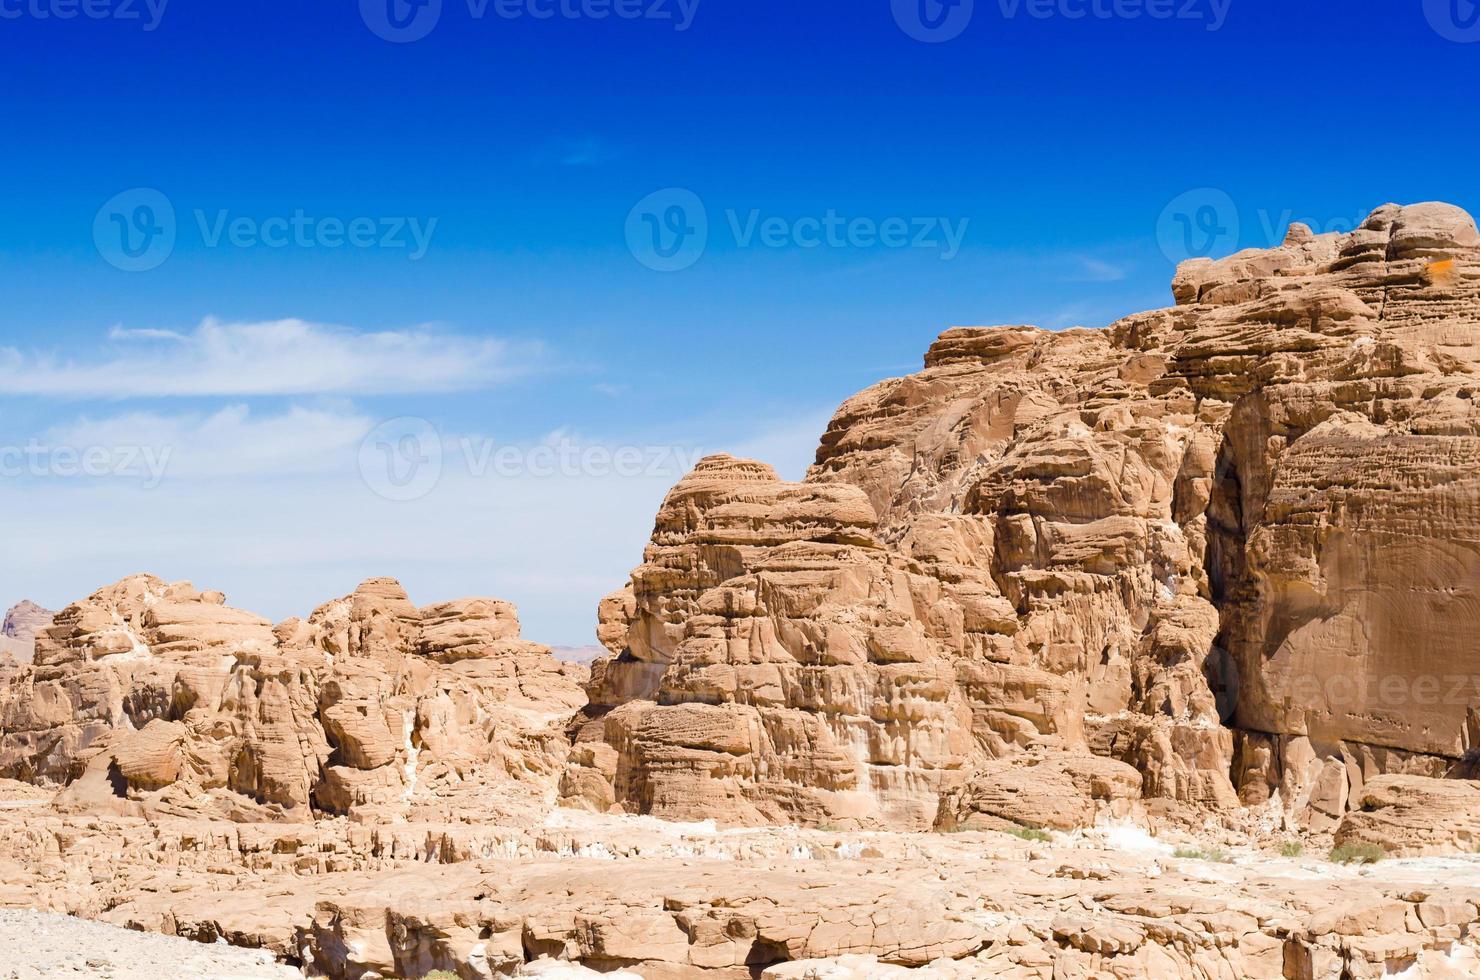 montañas rocosas del desierto foto